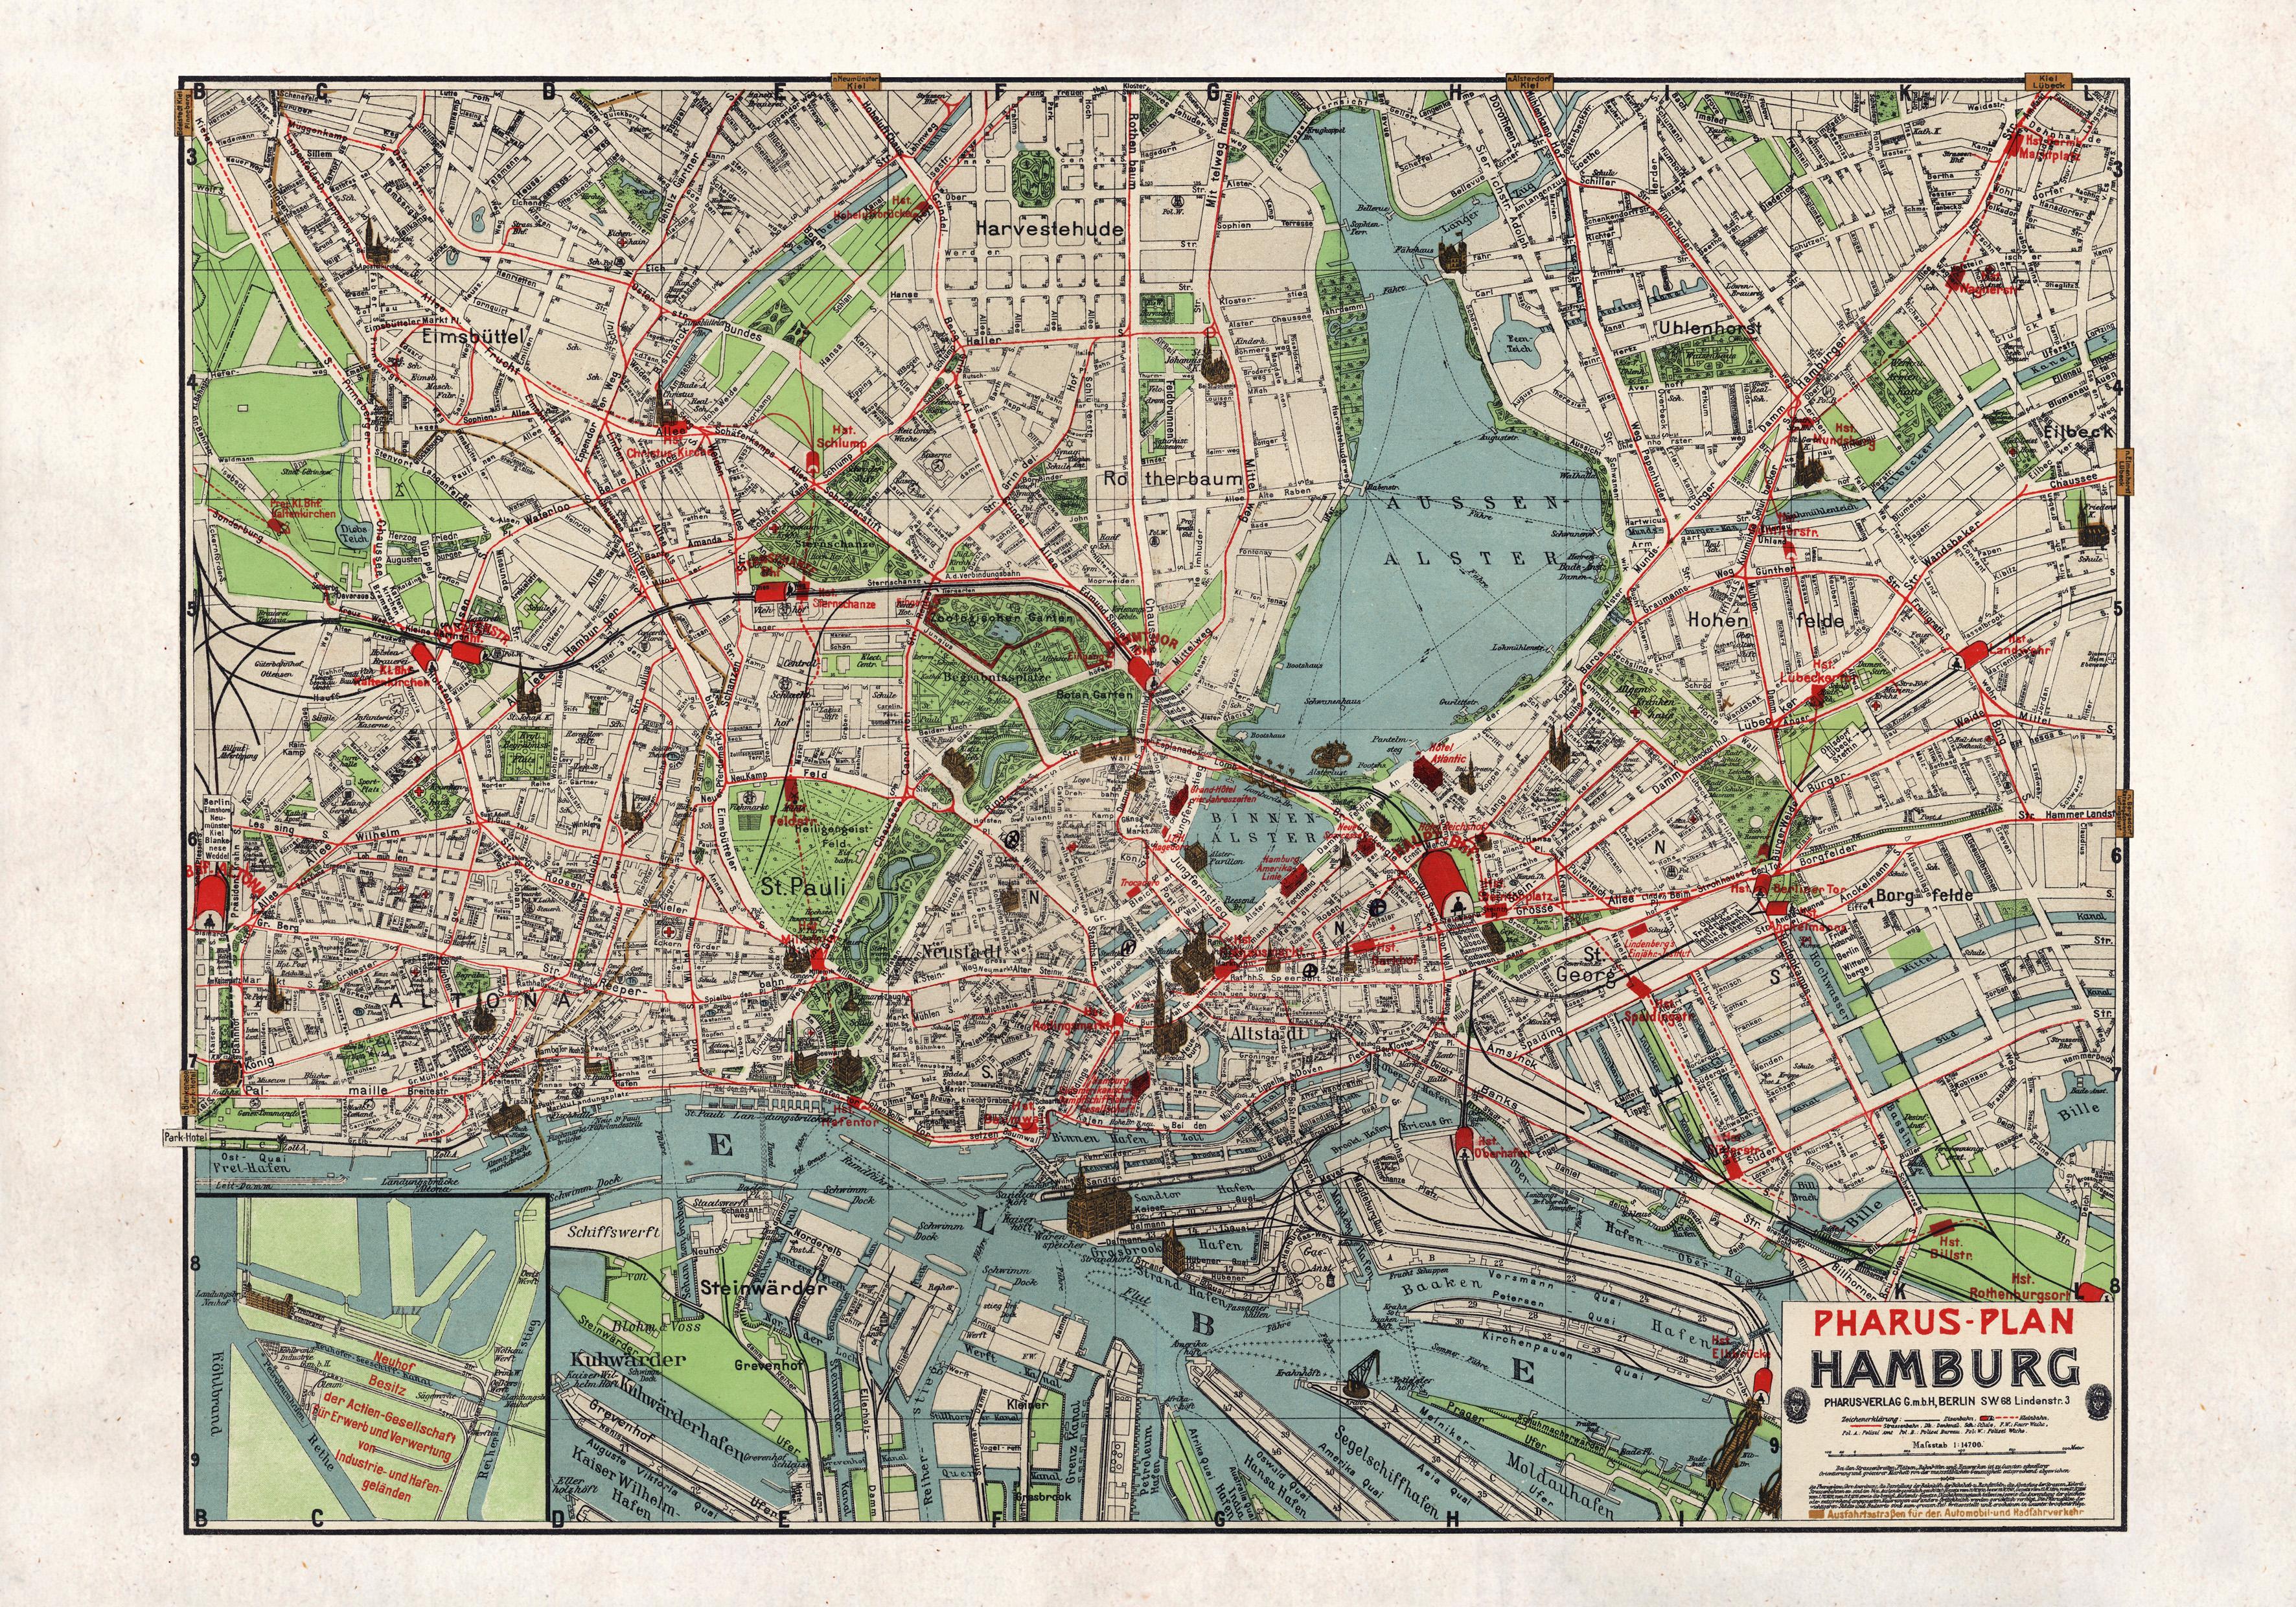 Hamburgo en 1911